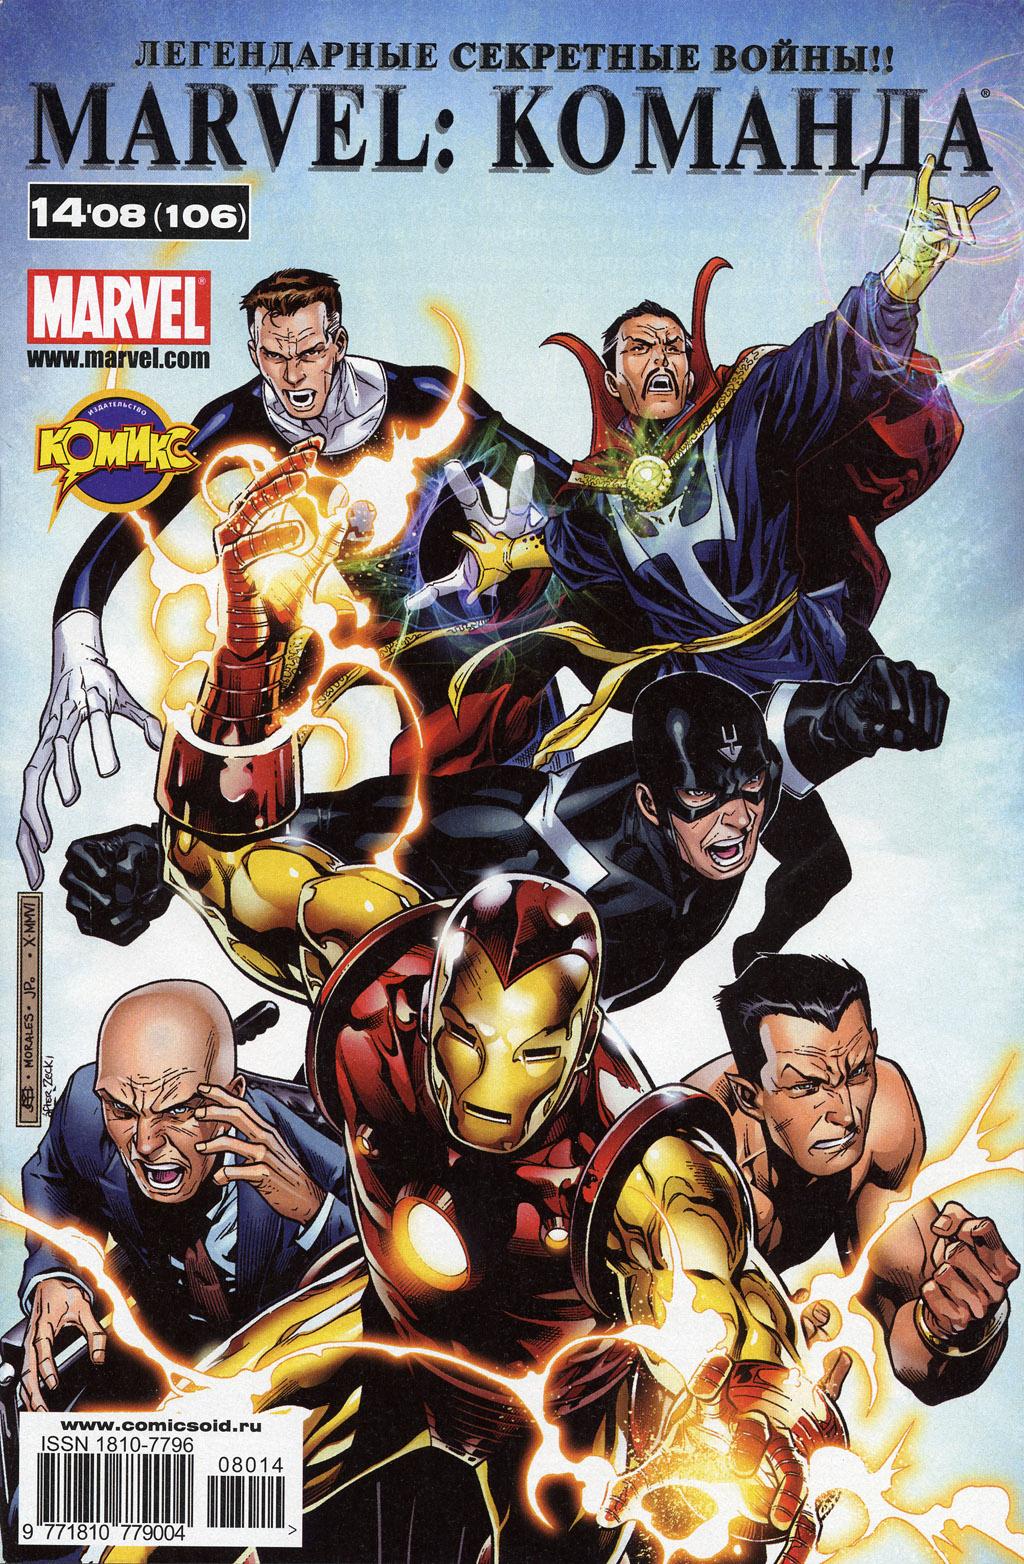 Комиксы Онлайн - Марвел Команда ИДК - # 3 - Страница №1 - Marvel Команда ИДК - Marvel Команда # 106